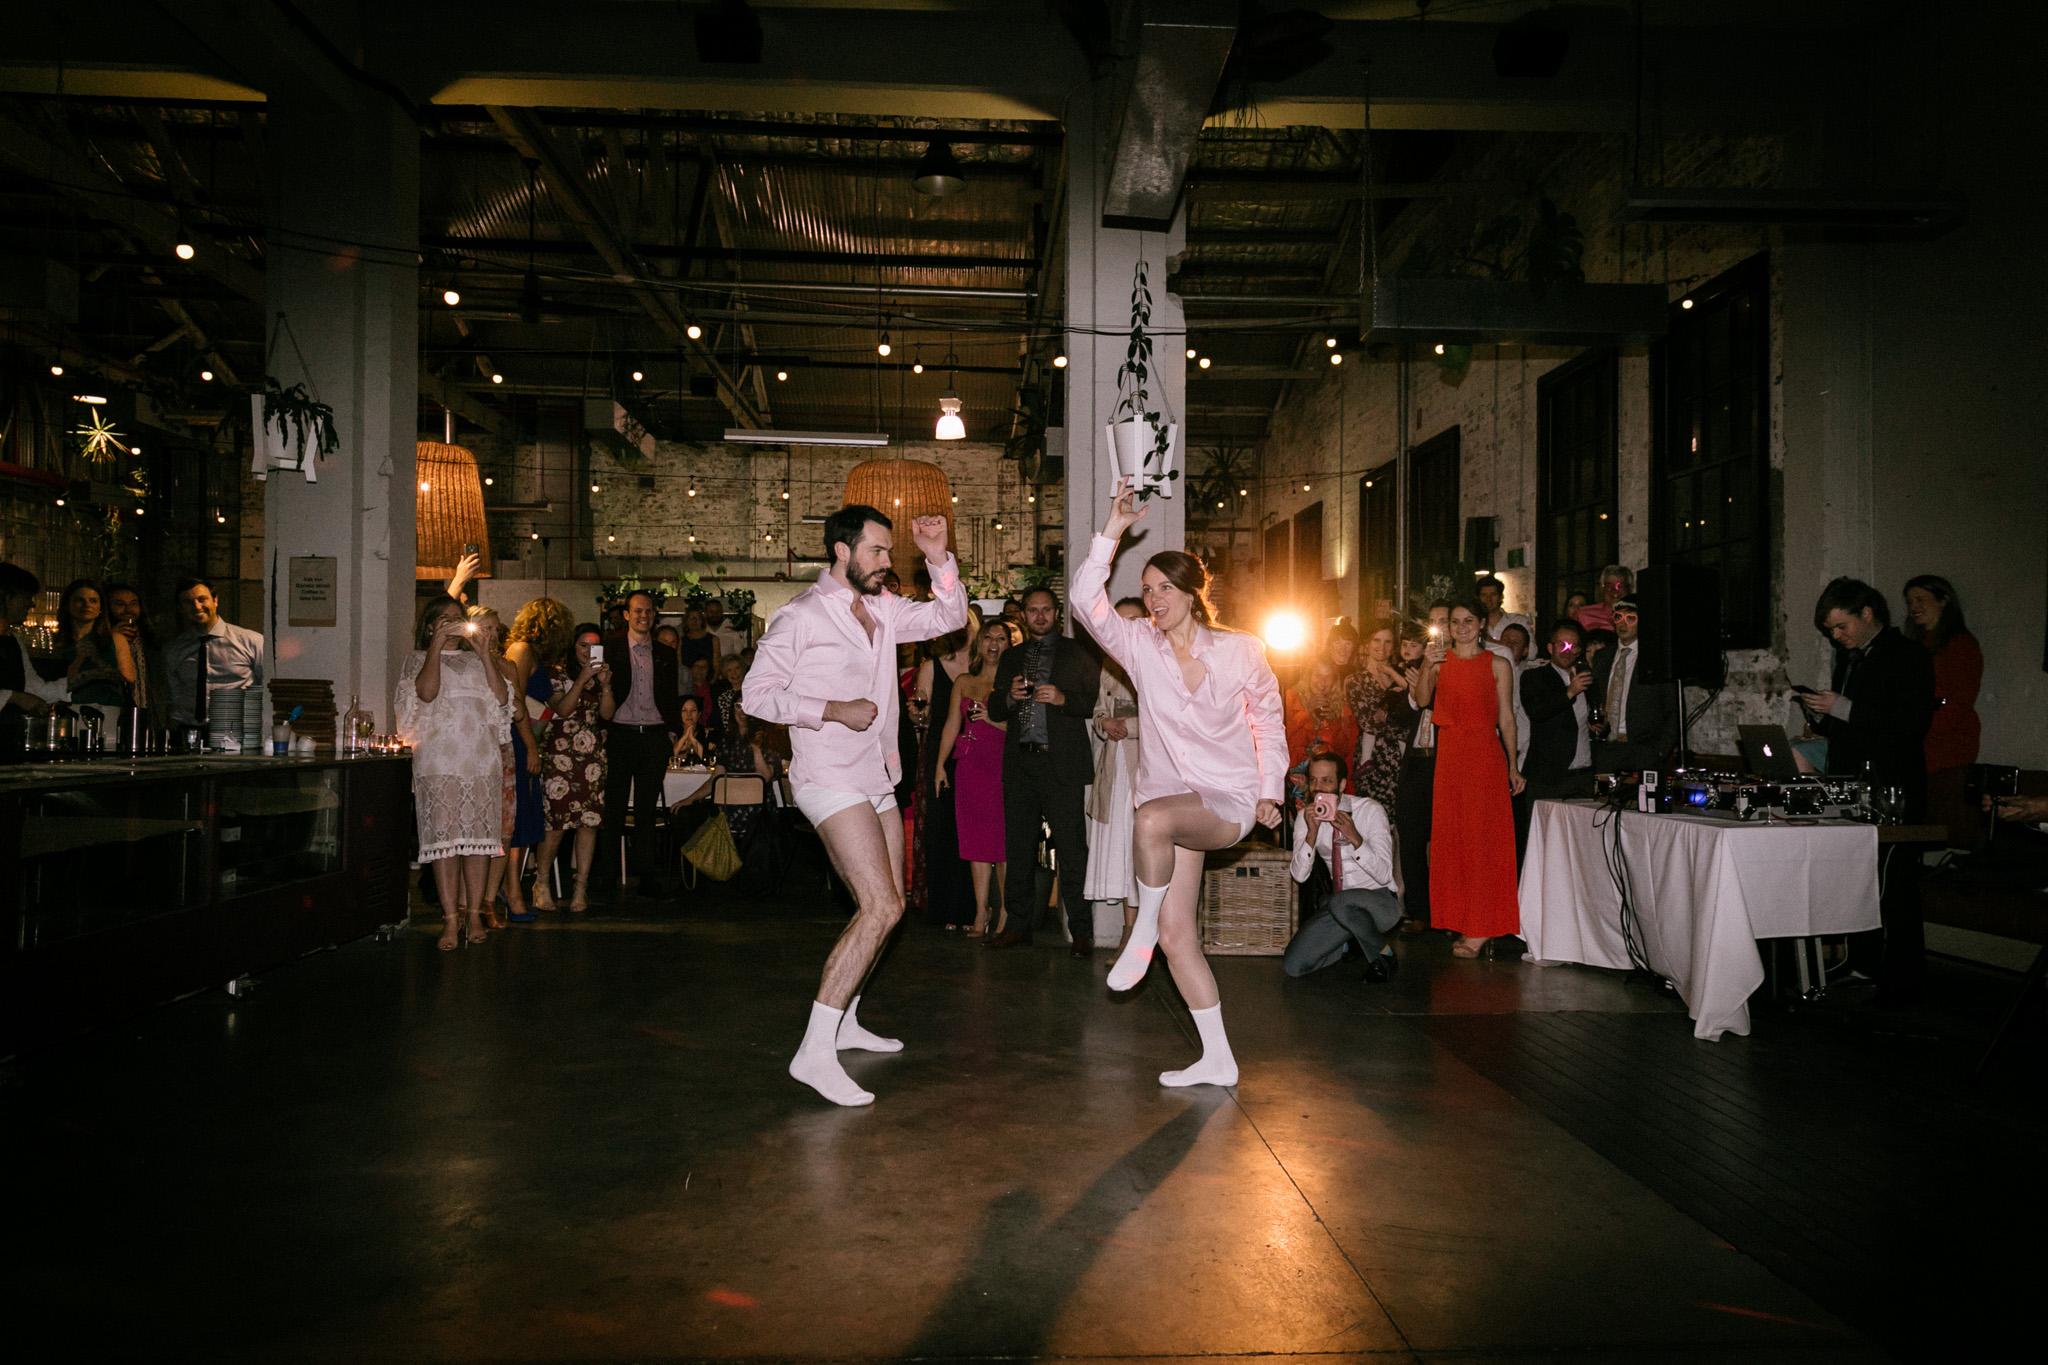 Nick&Ness_2017_credit_OneDaySomewherePhotographyuntitled-985.jpg